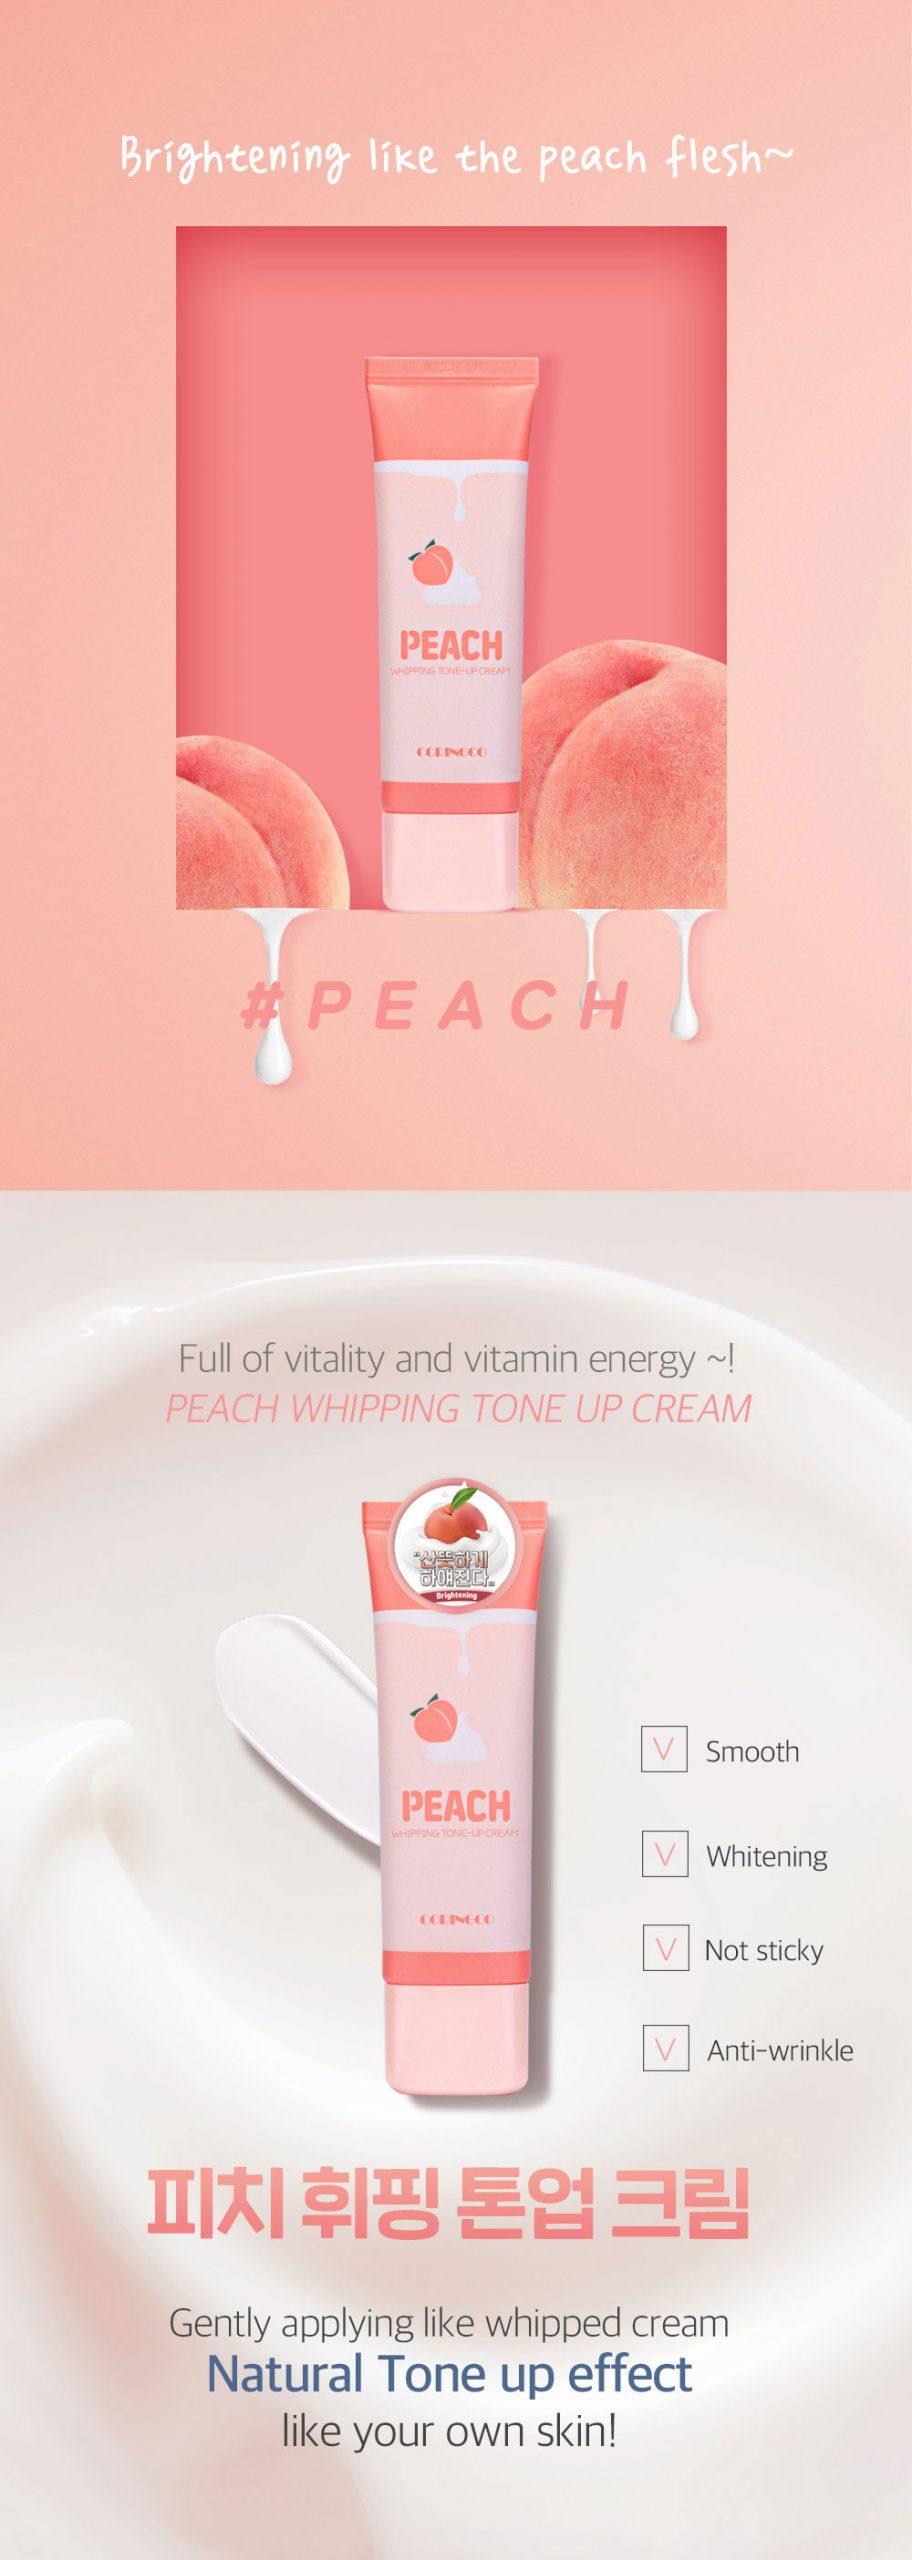 Peach Tone Up Cream - Intro